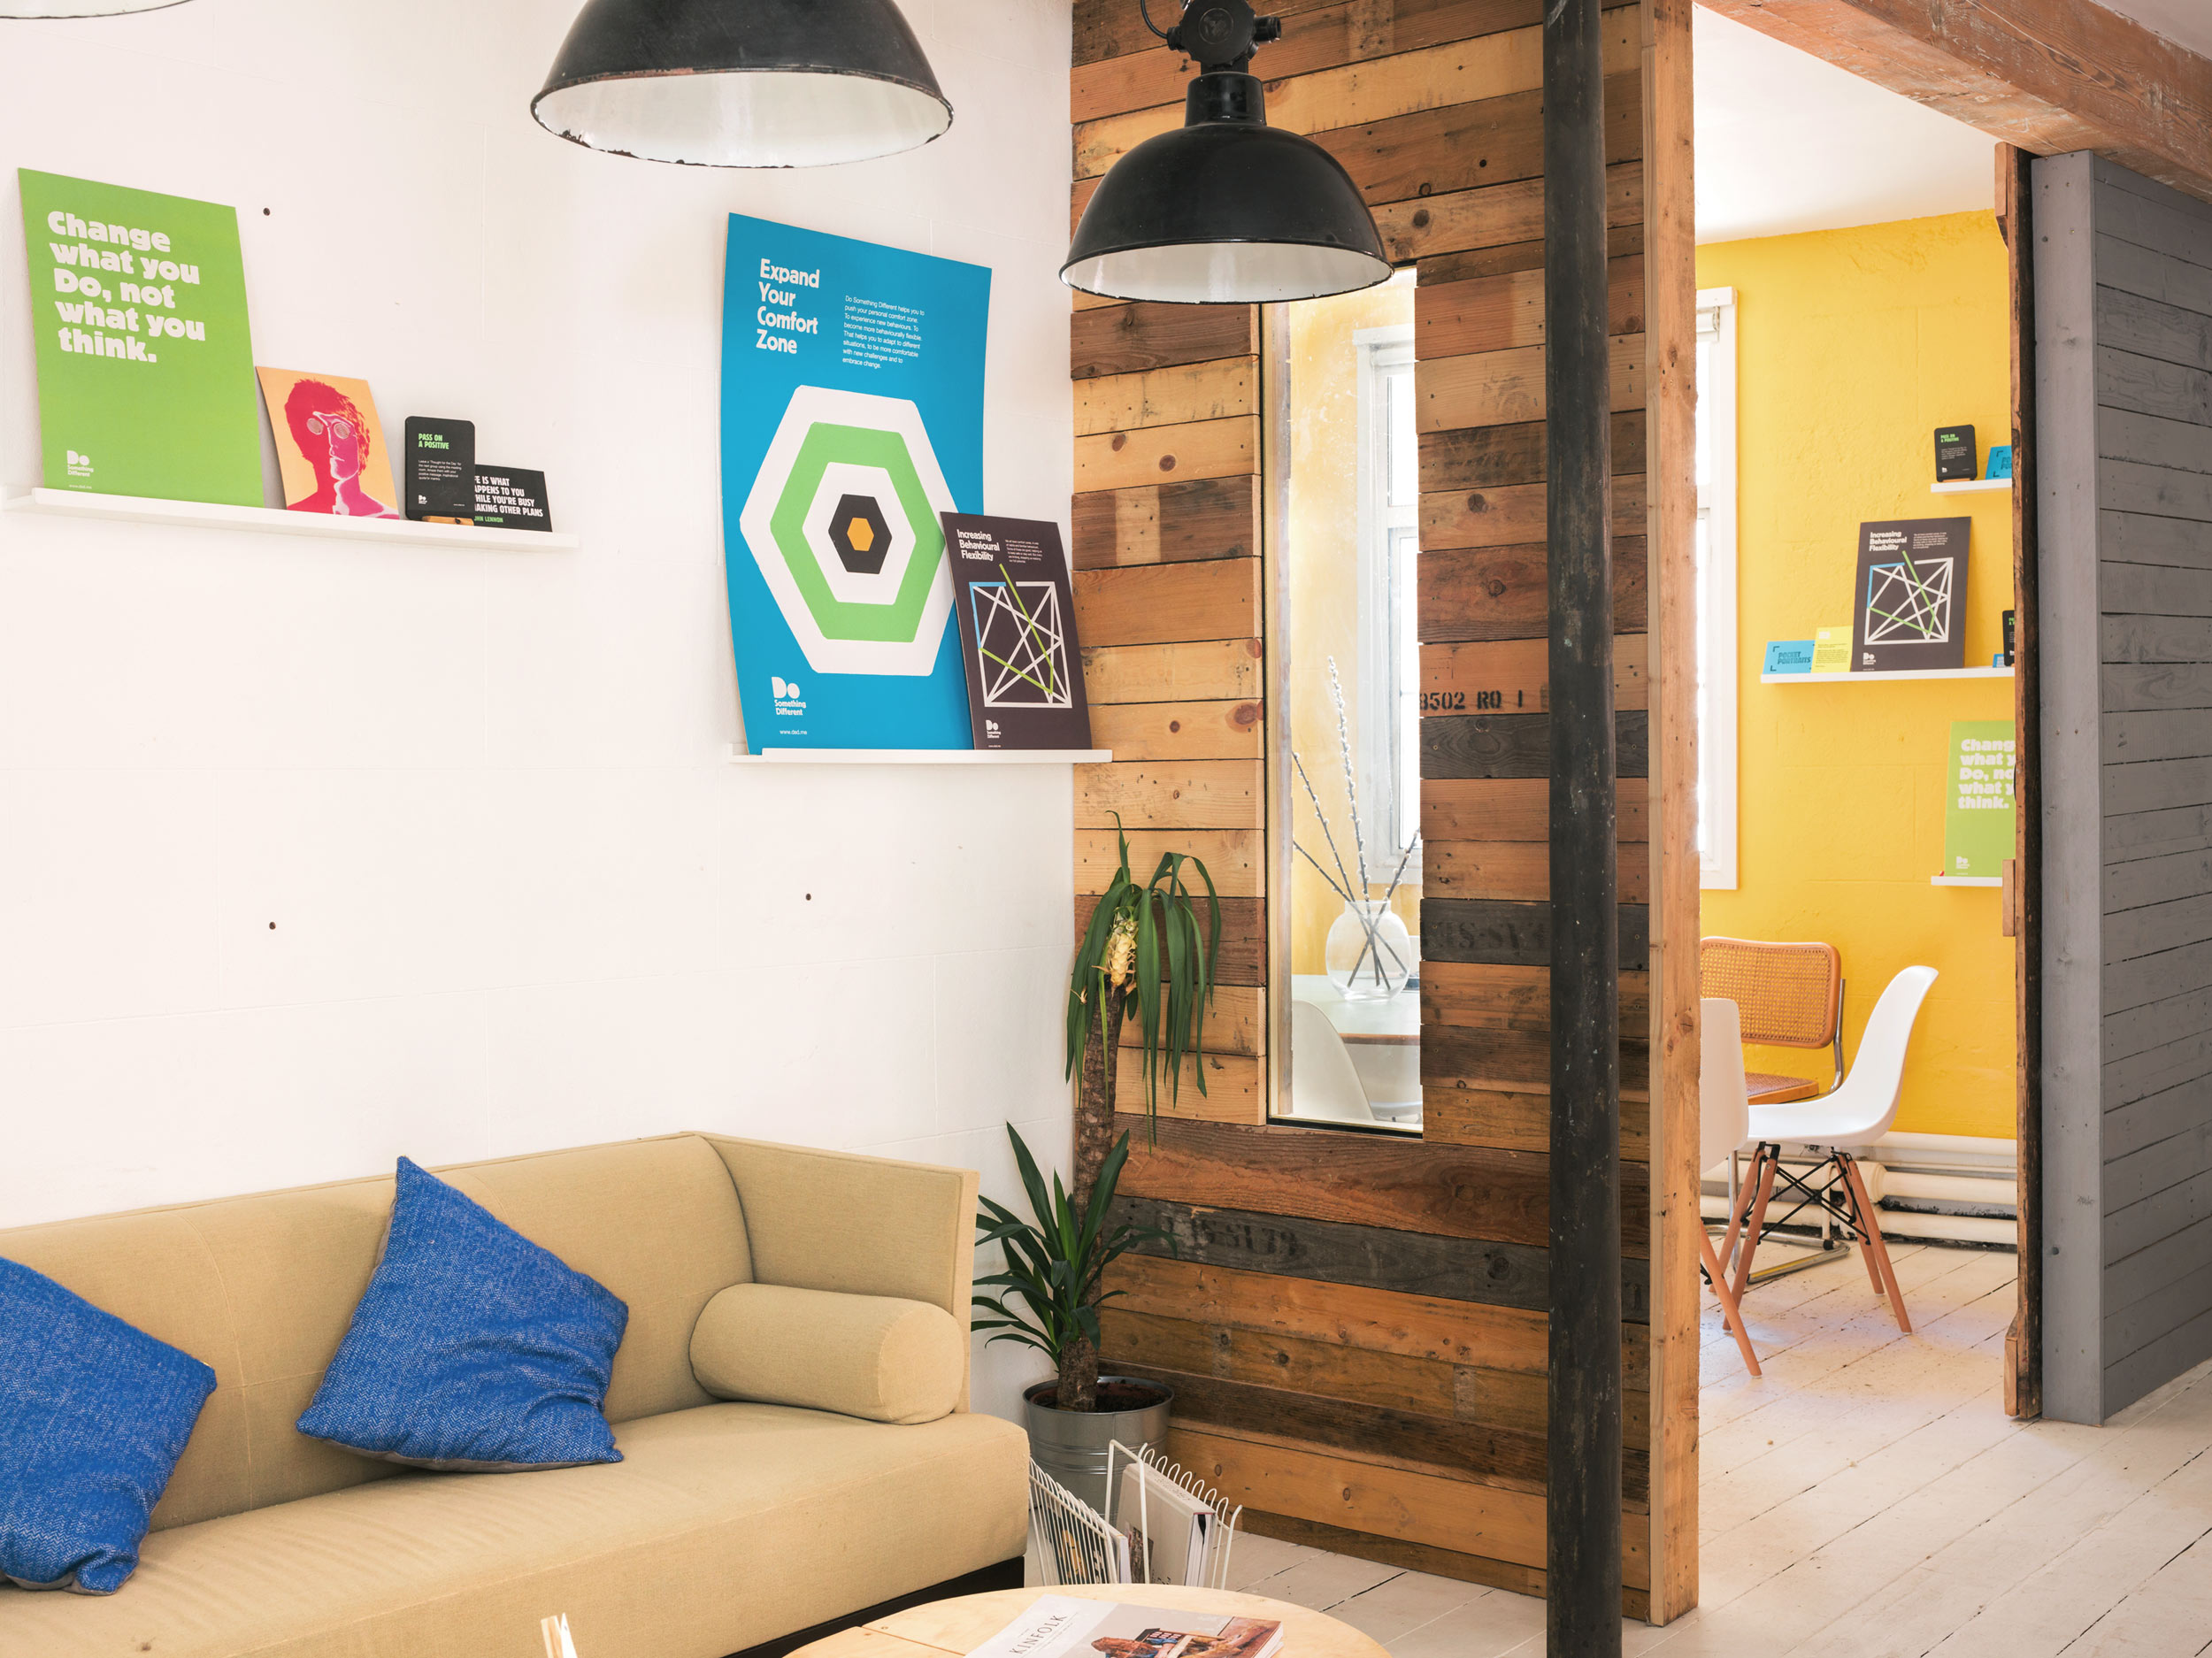 Long Story Short Design Office Interior in Brighton